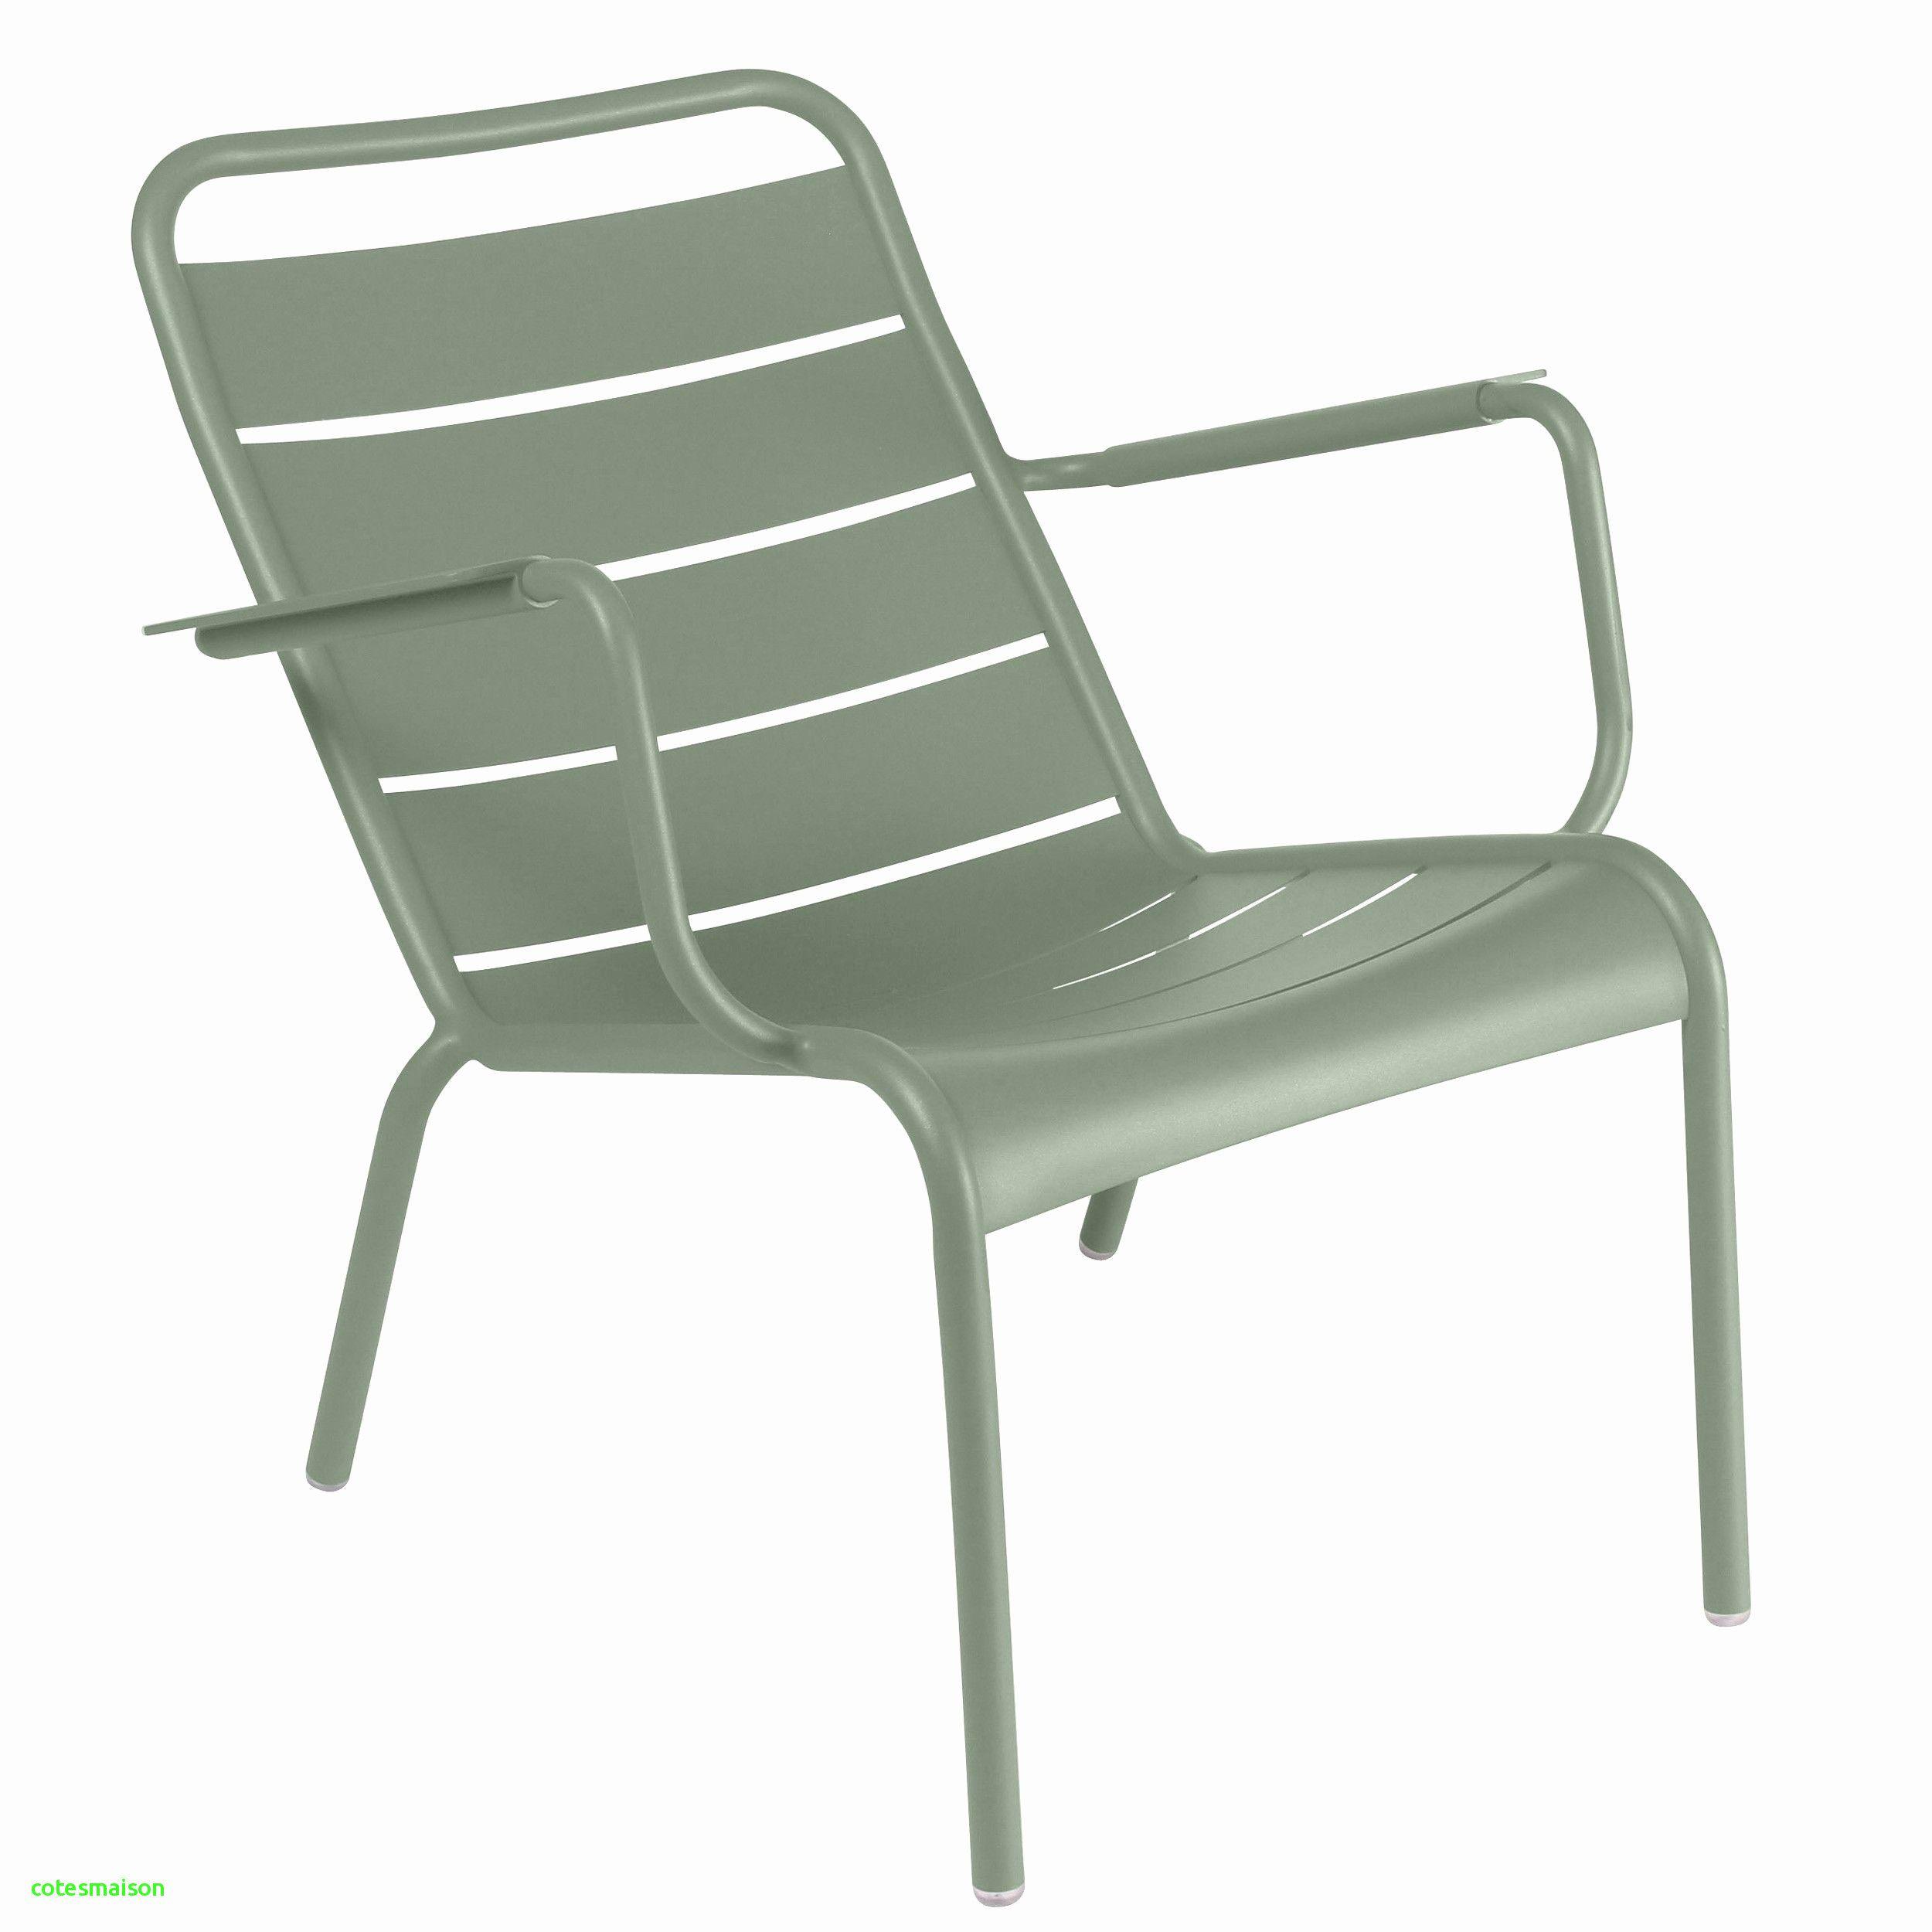 Lit Enfant Fille Beau Ikea Chaise Enfant Magnifique Bureau Fille Chaise De Junior Beau